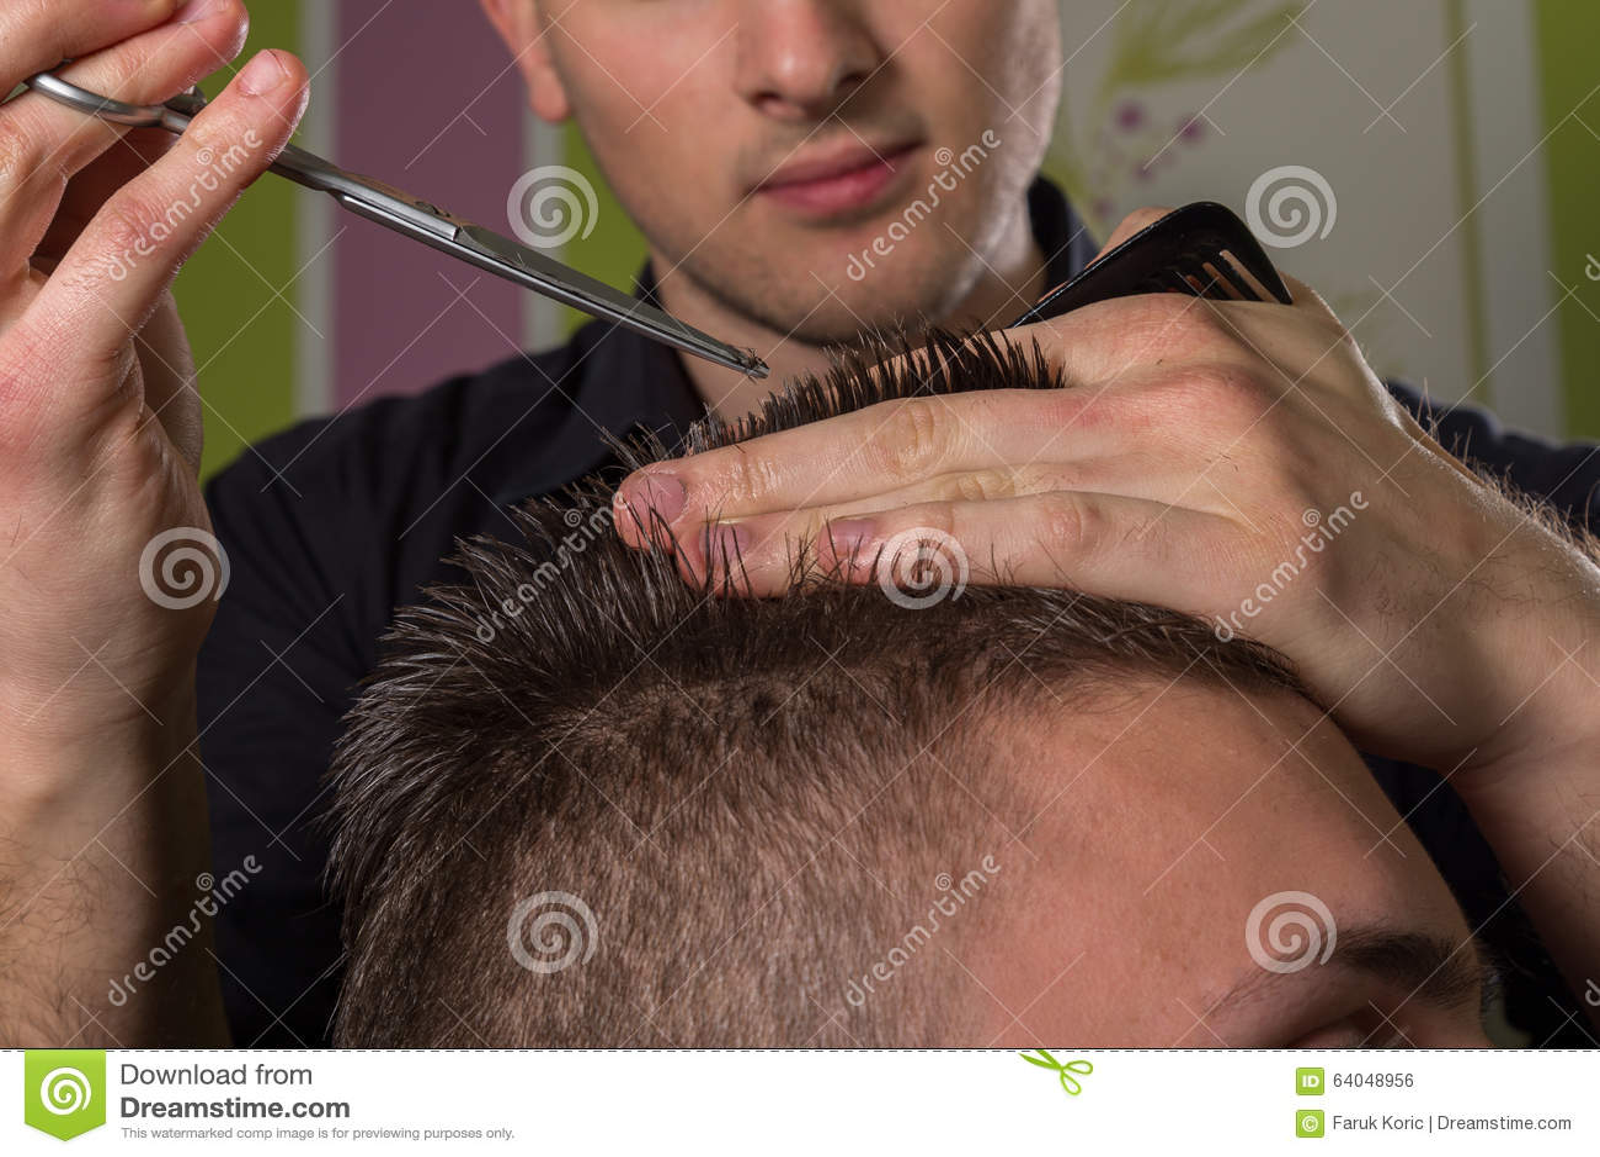 Corte do cabelo dos homens com tesouras em um salão de beleza